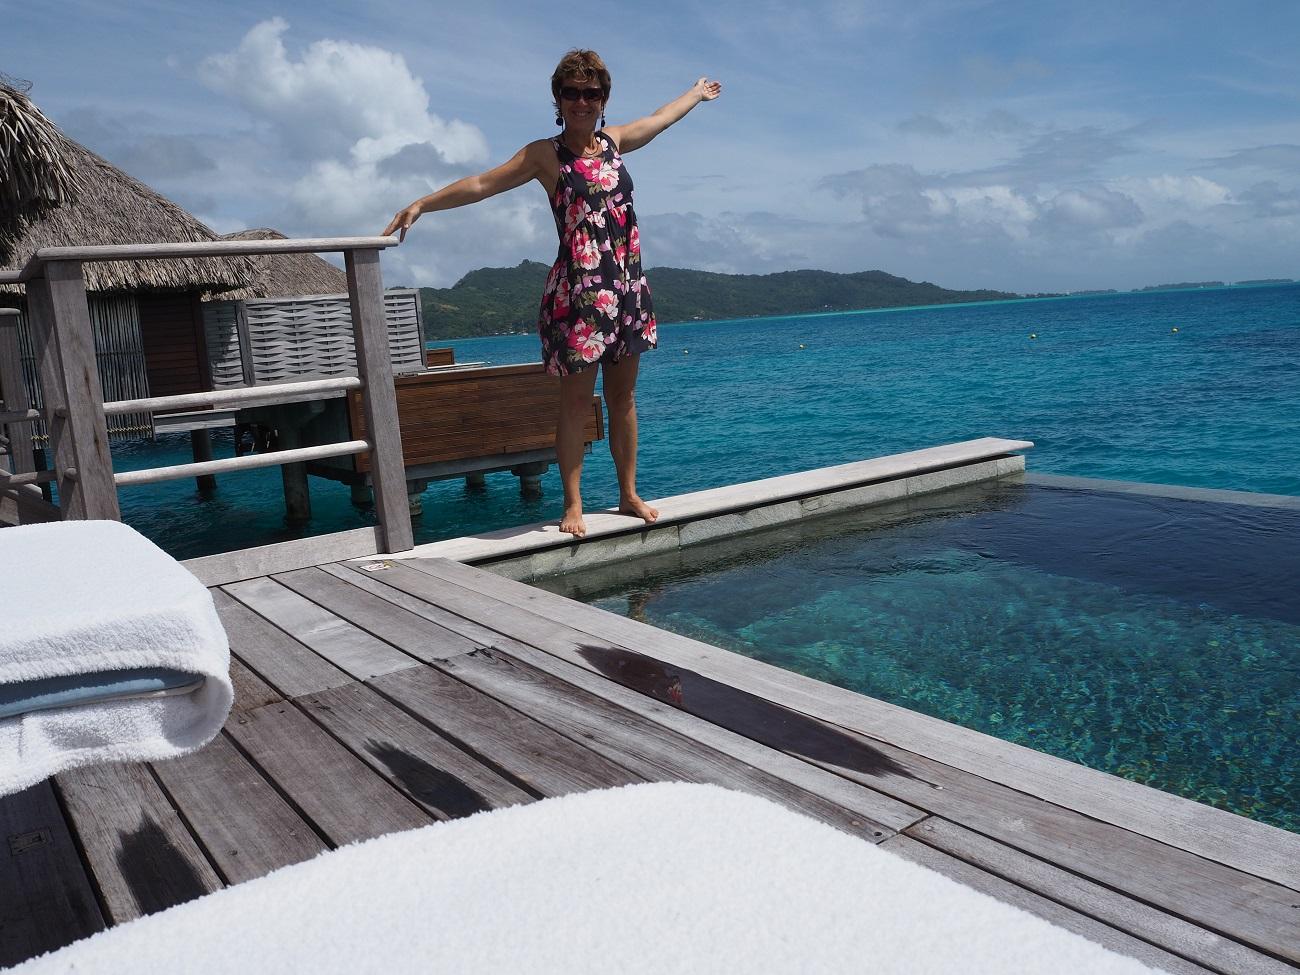 3. kép: Bora Bora